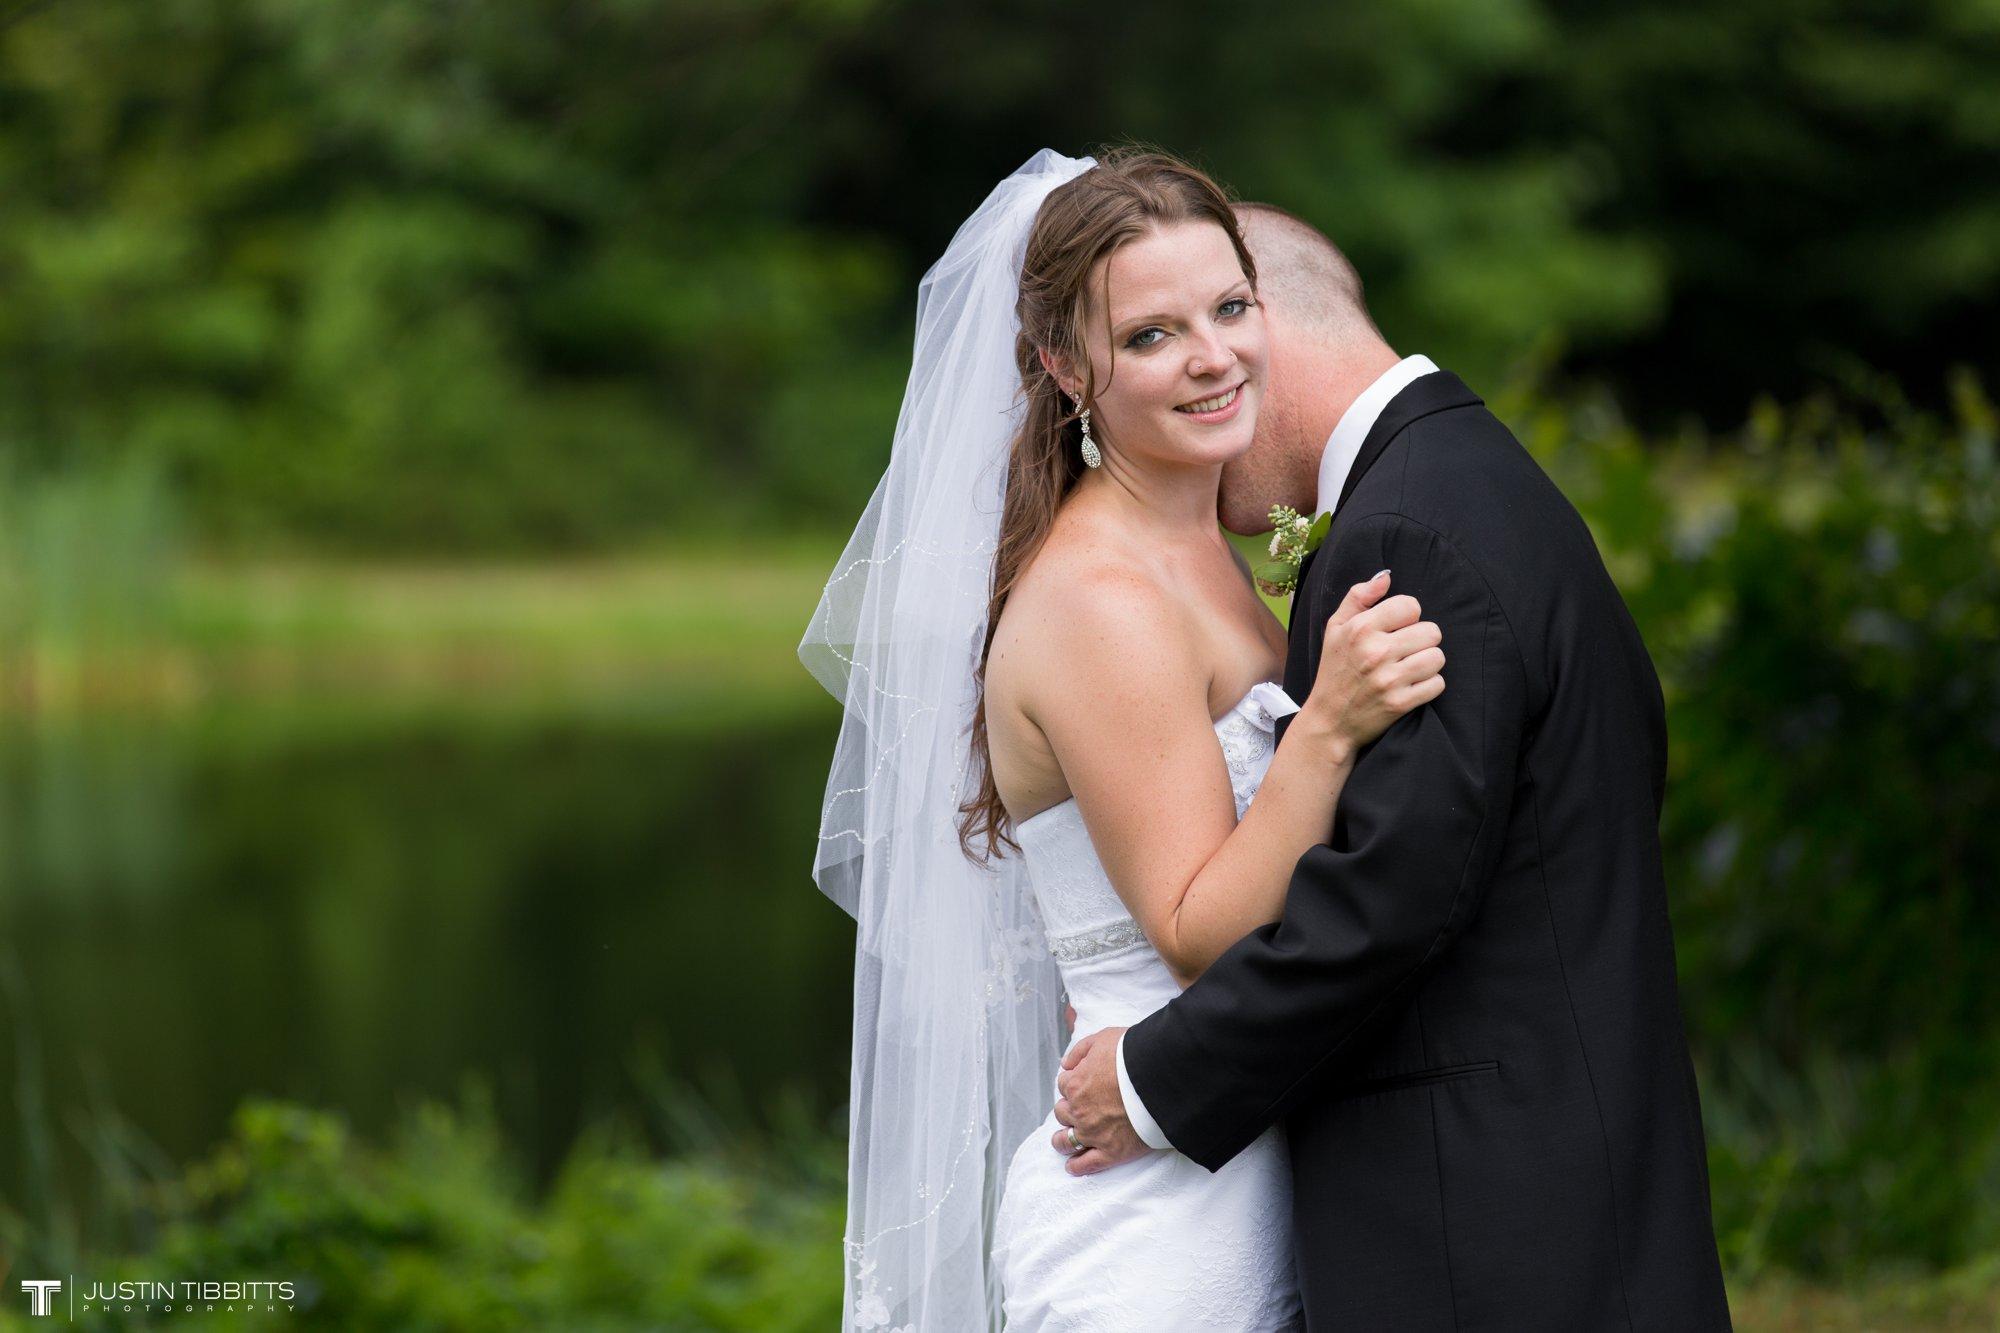 Albany NY Wedding Photographer Justin Tibbitts Photography 2014 Best of Albany NY Weddings-42412121